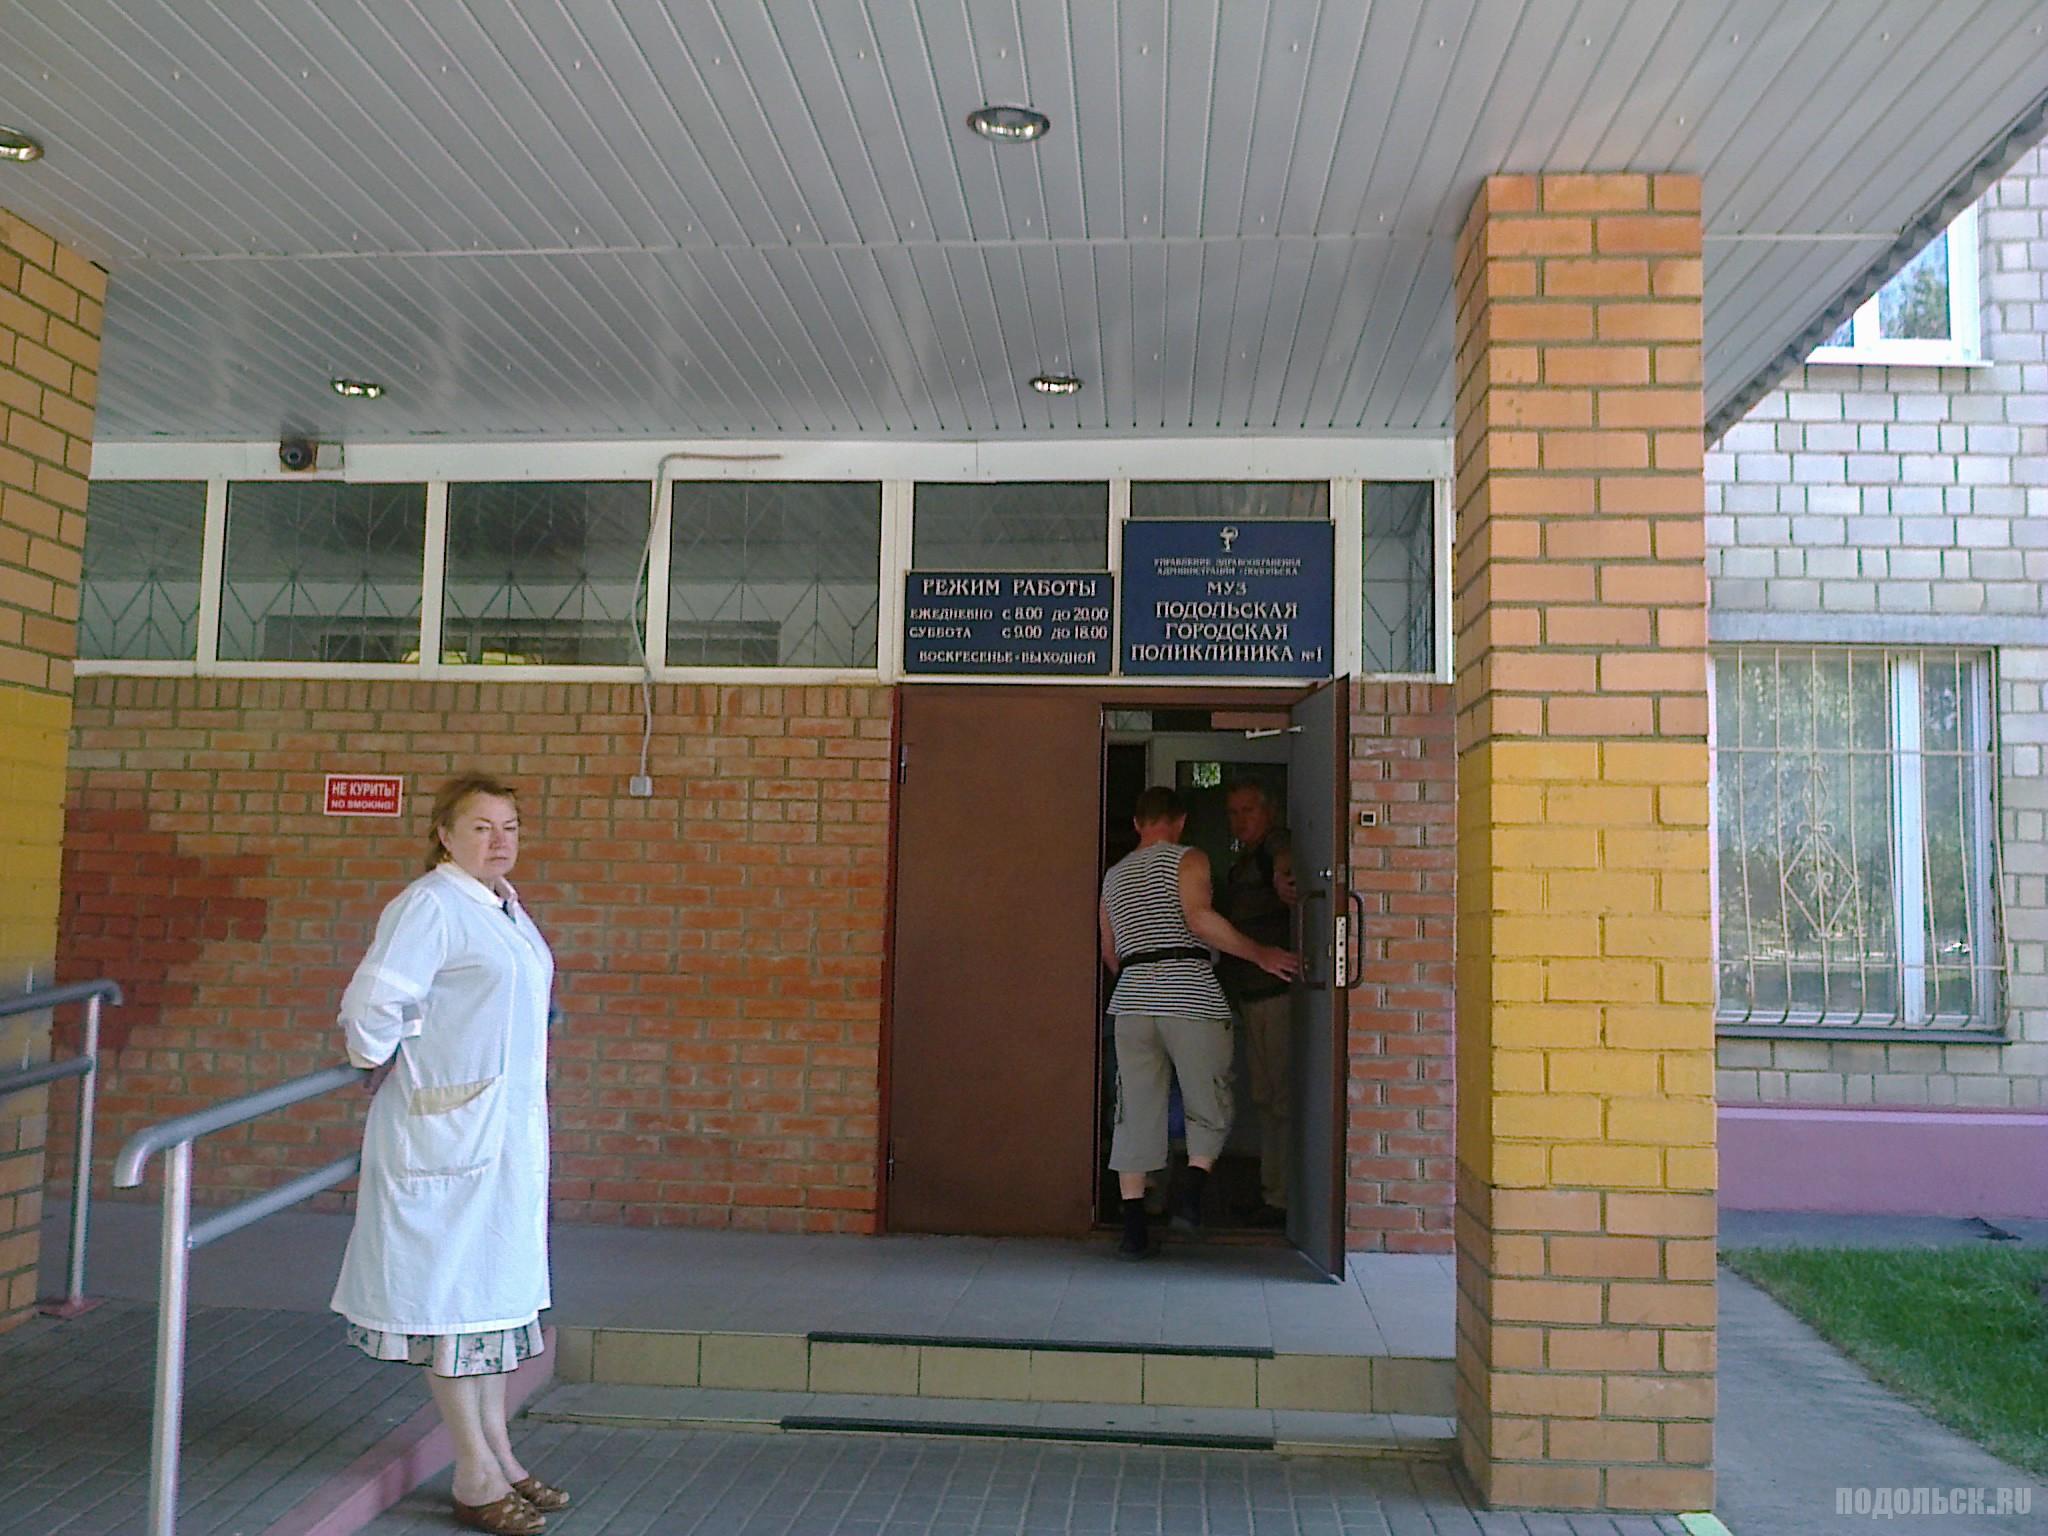 Городская клиническая больница 2 поликлиника